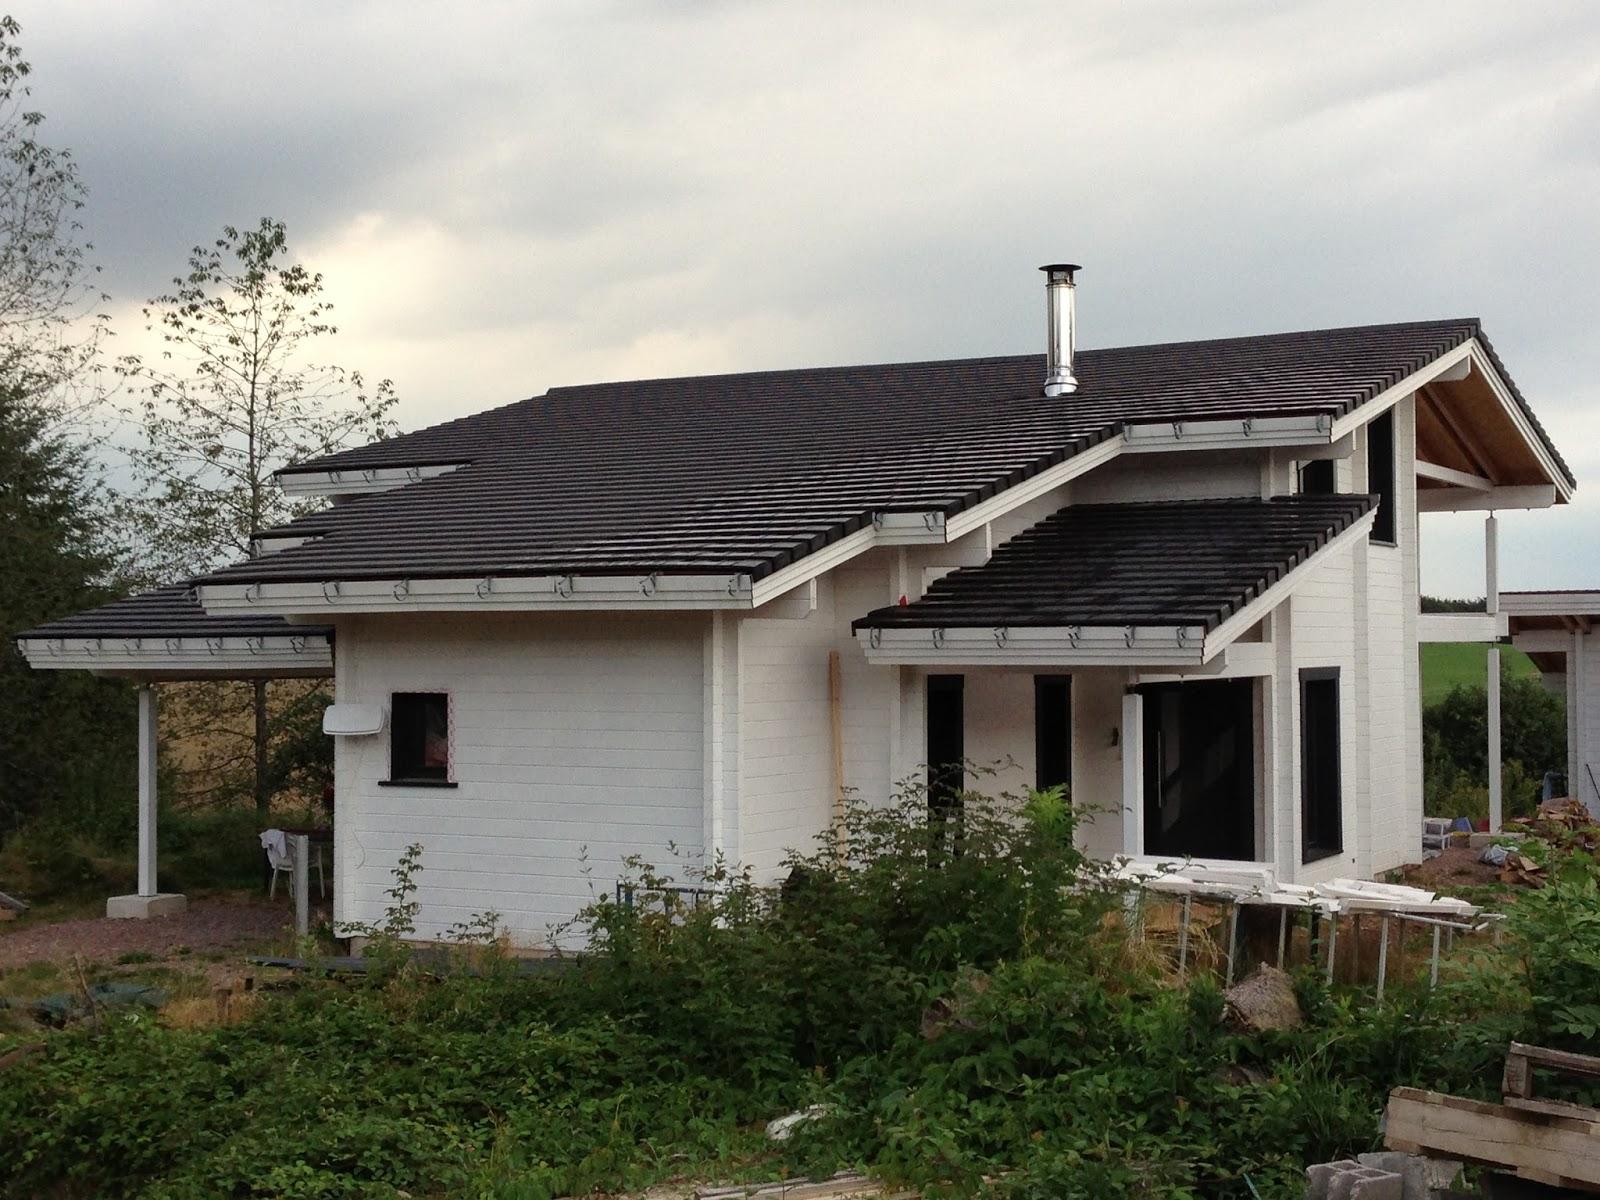 Maison bois aukio maison hors d 39 eau et hors d 39 air for Agrandissement maison hors d eau hors d air